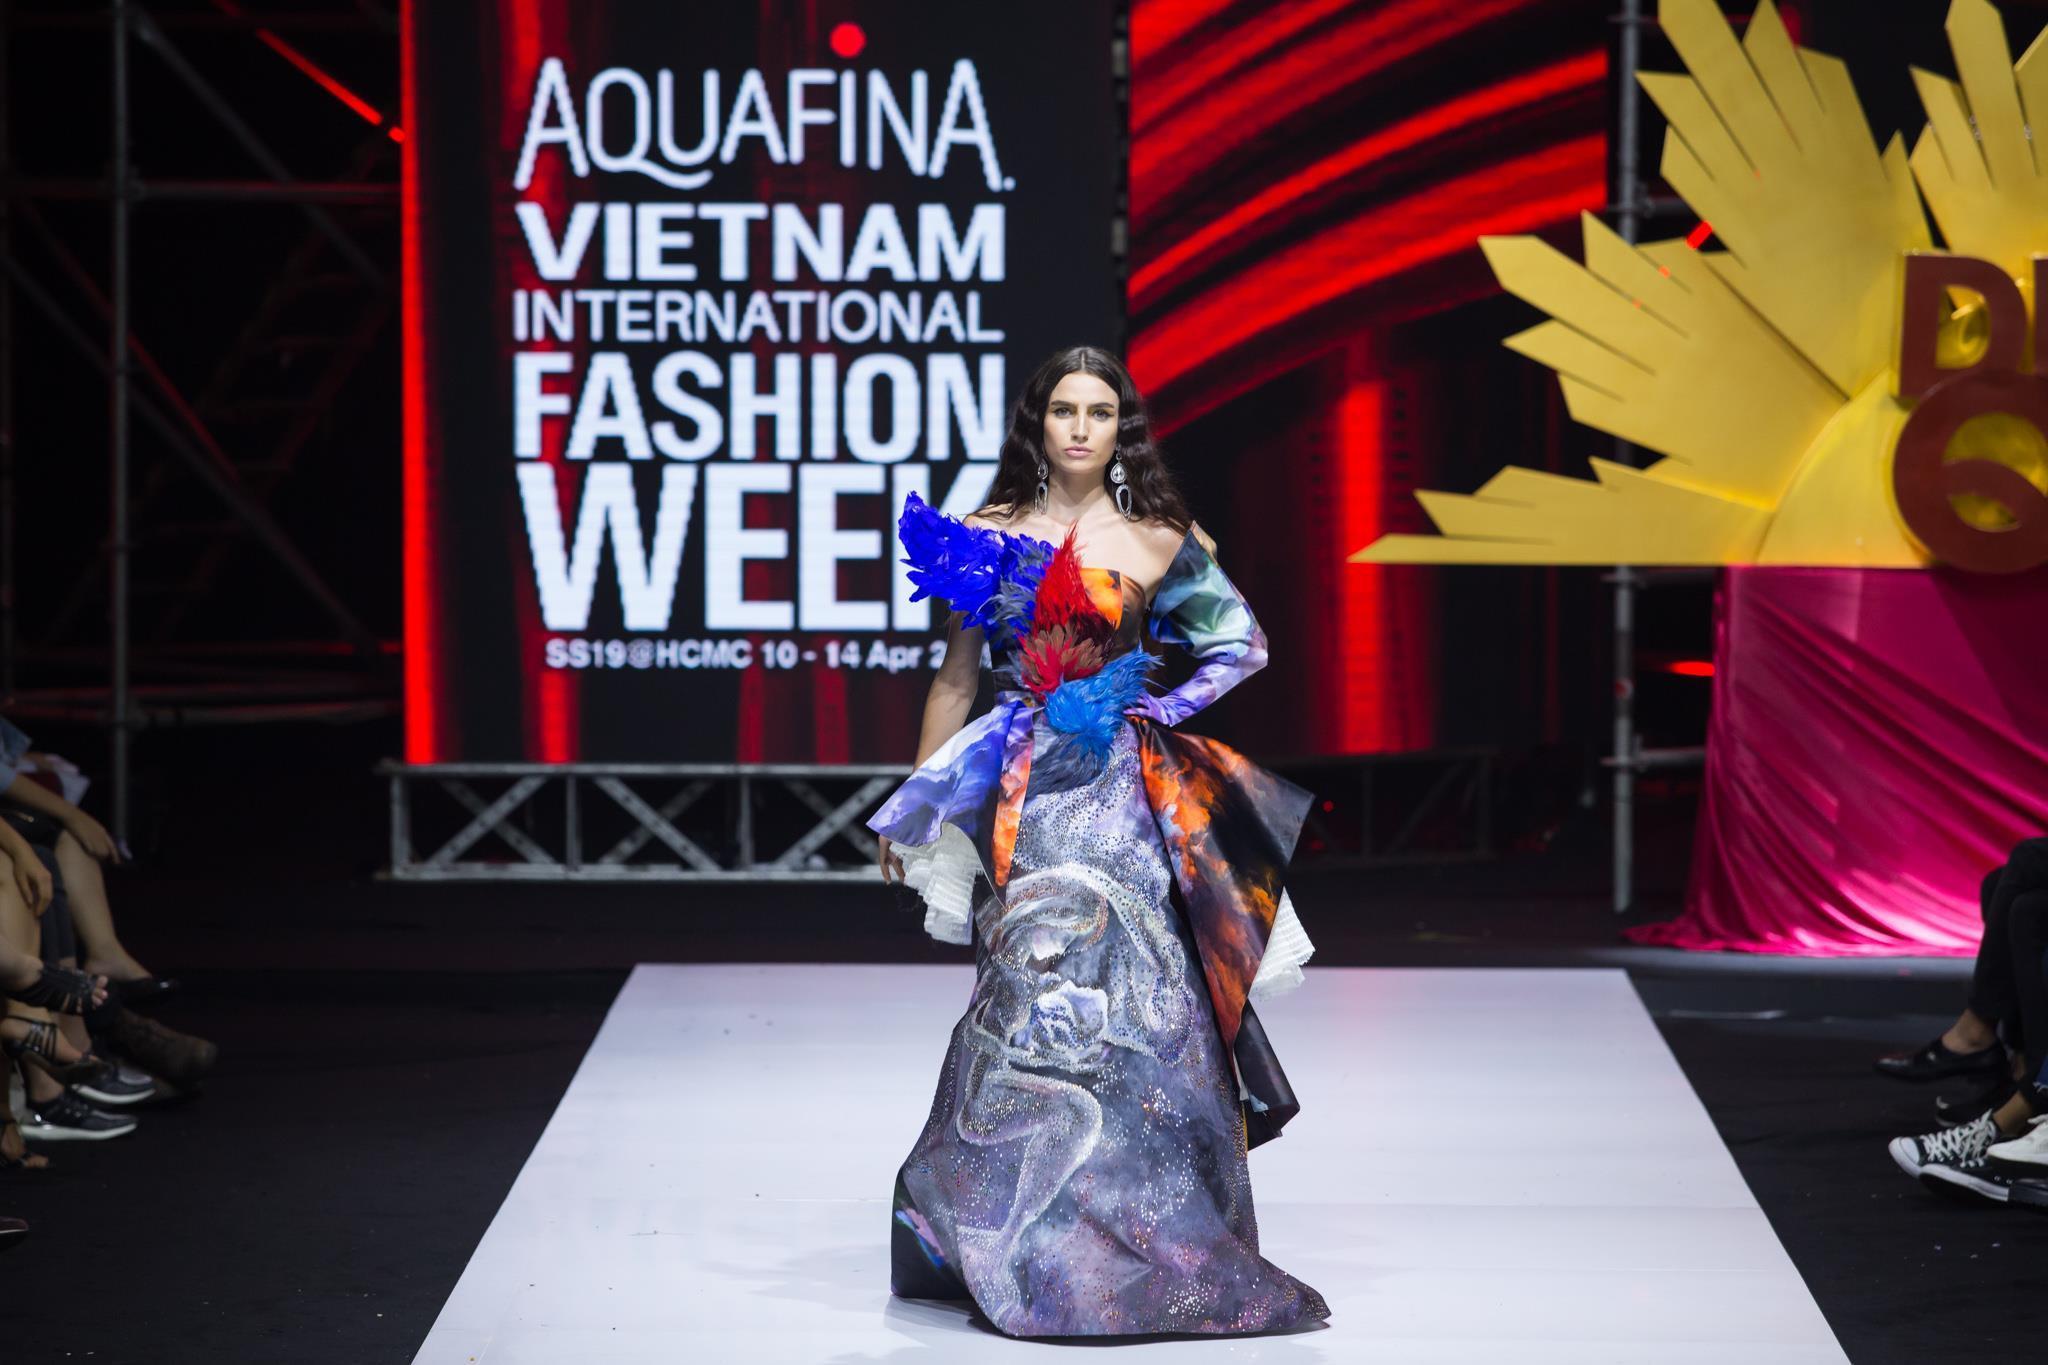 Nguyễn Tiến Truyển chinh phục sàn diễn Aquafina VIFW 2019 với BST mới Ảnh 3